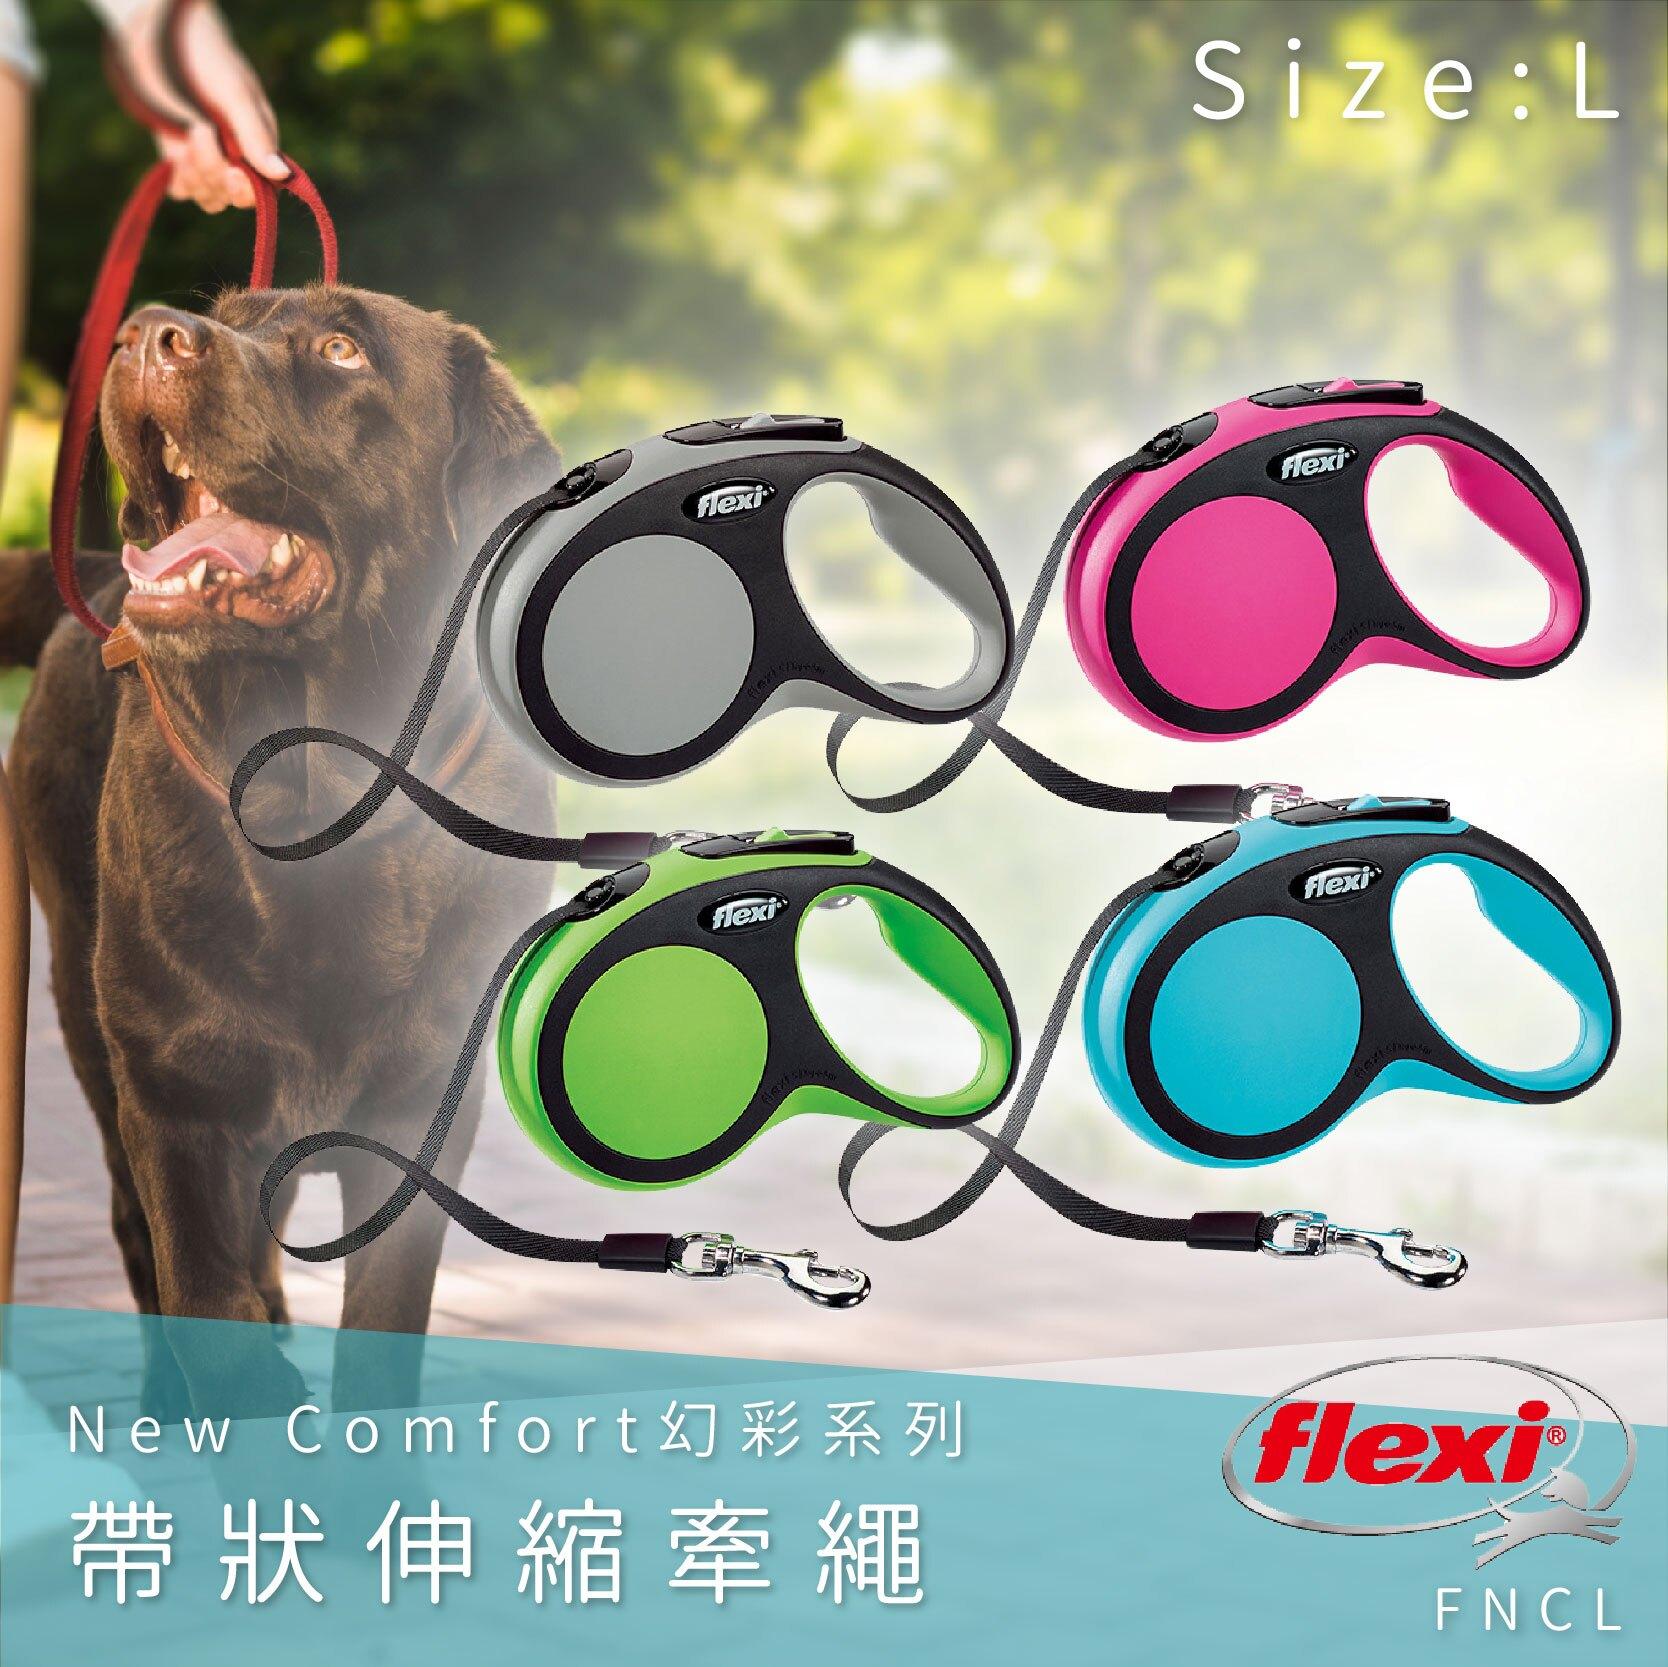 Flexi飛萊希 帶狀伸縮牽繩 L FNCL 幻彩系列 舒適握把 狗貓 外出用品 寵物用品 寵物牽繩 德國製 四色